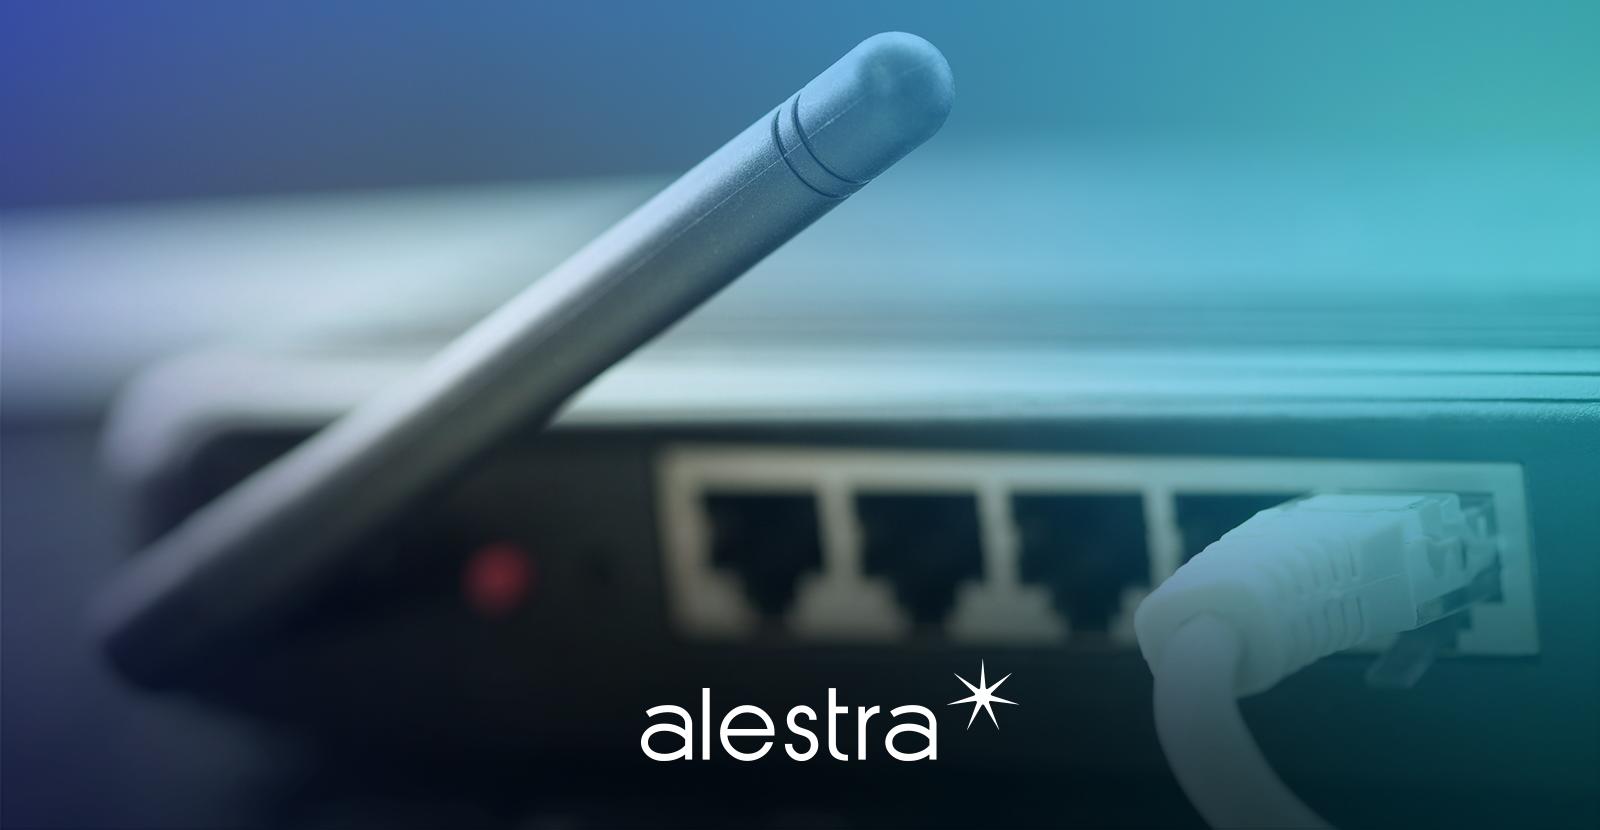 Internet optimizado y seguro, soluciones Alestra, conectividad, problemas de internet, soluciones de internet, COVID-19, Cuarentena